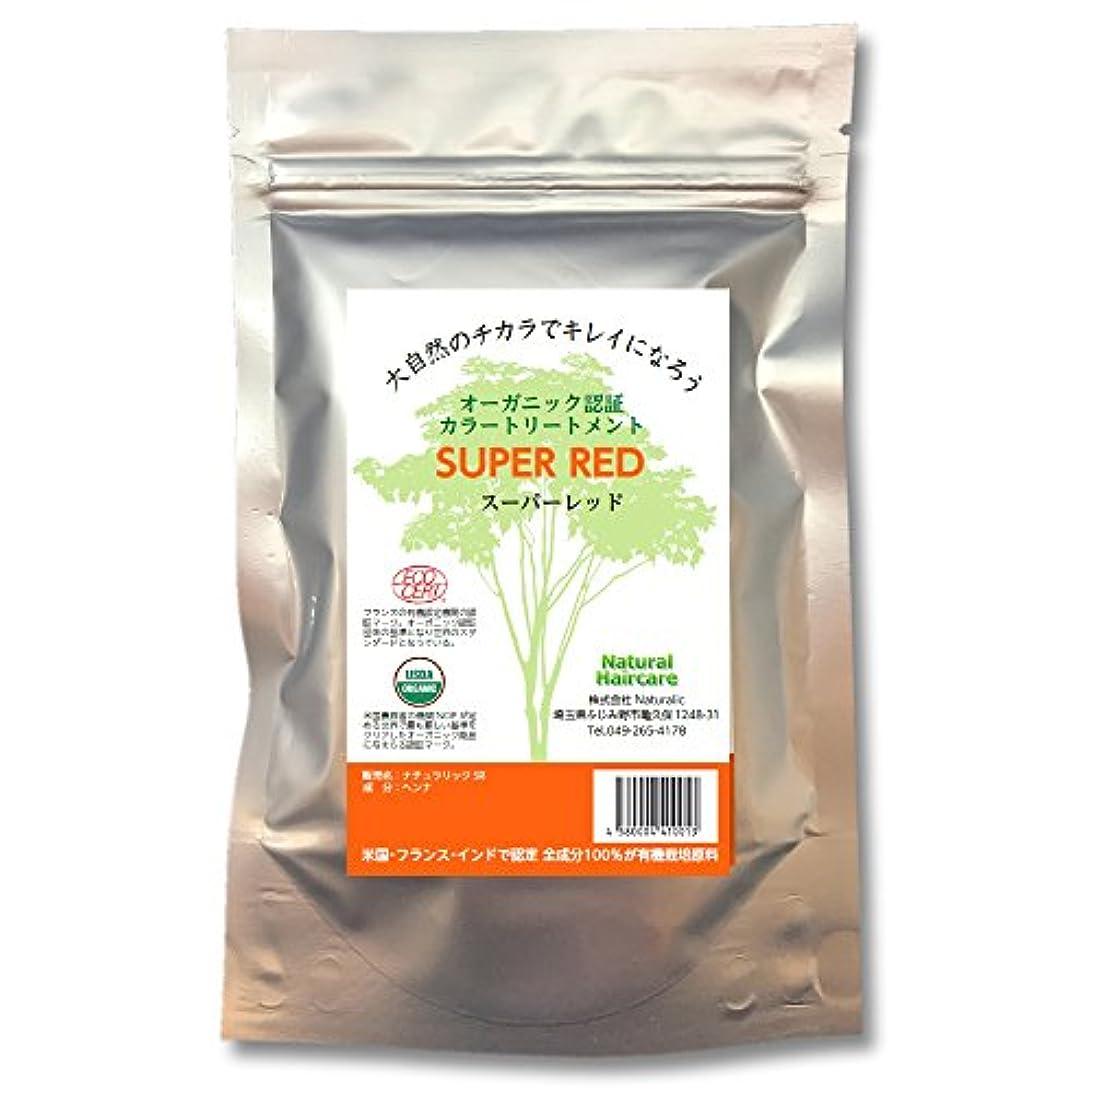 コンパイル安心させるレベルナチュラルヘアケア スーパーレッド 世界3カ国オーガニック機関認証済み 100%天然植物 ヘナ 濃いオレンジ色